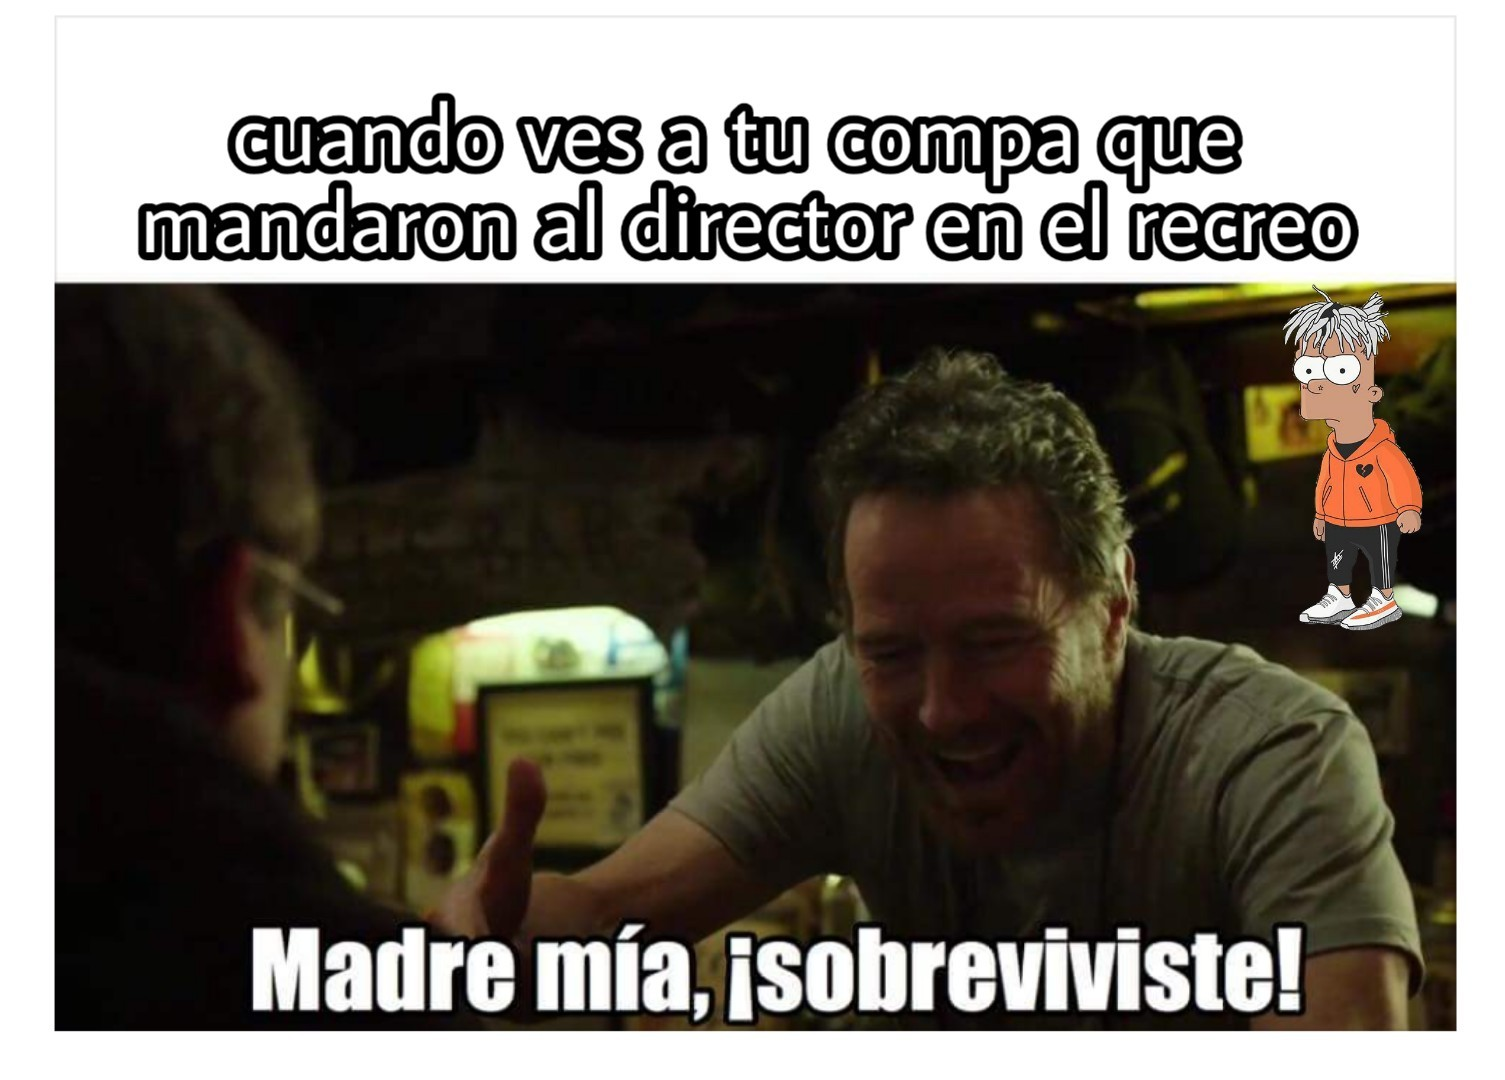 Primer meme :)